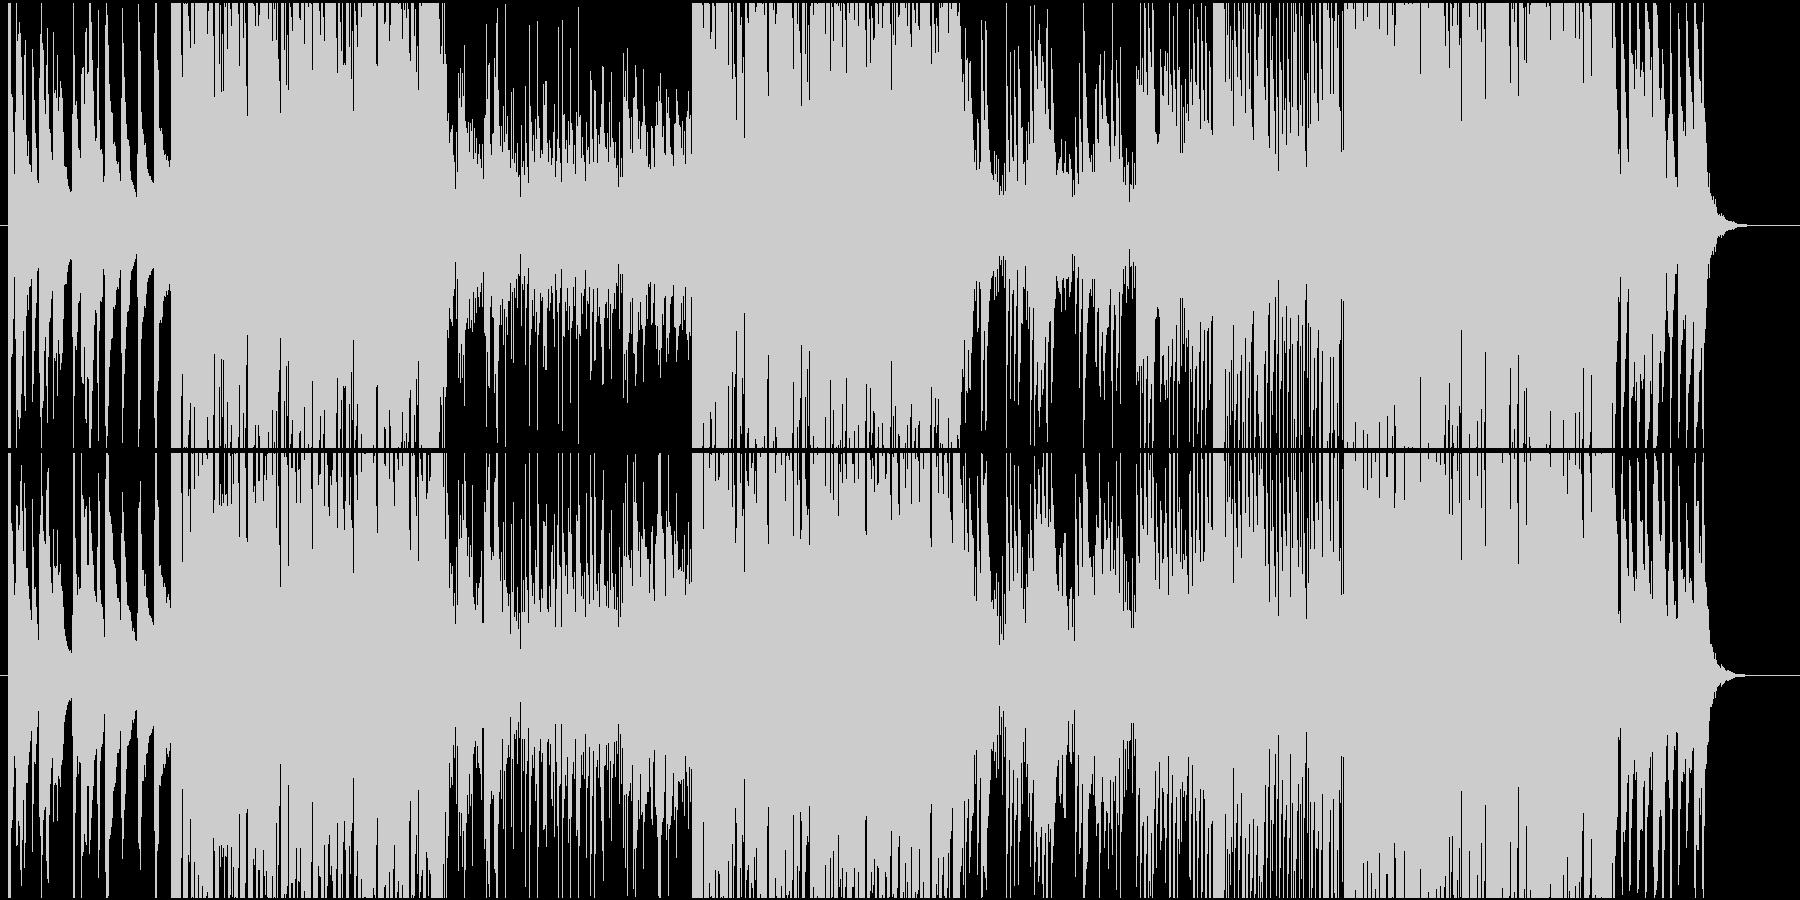 沖縄 エイサー クイチャー ヒーリング系の未再生の波形